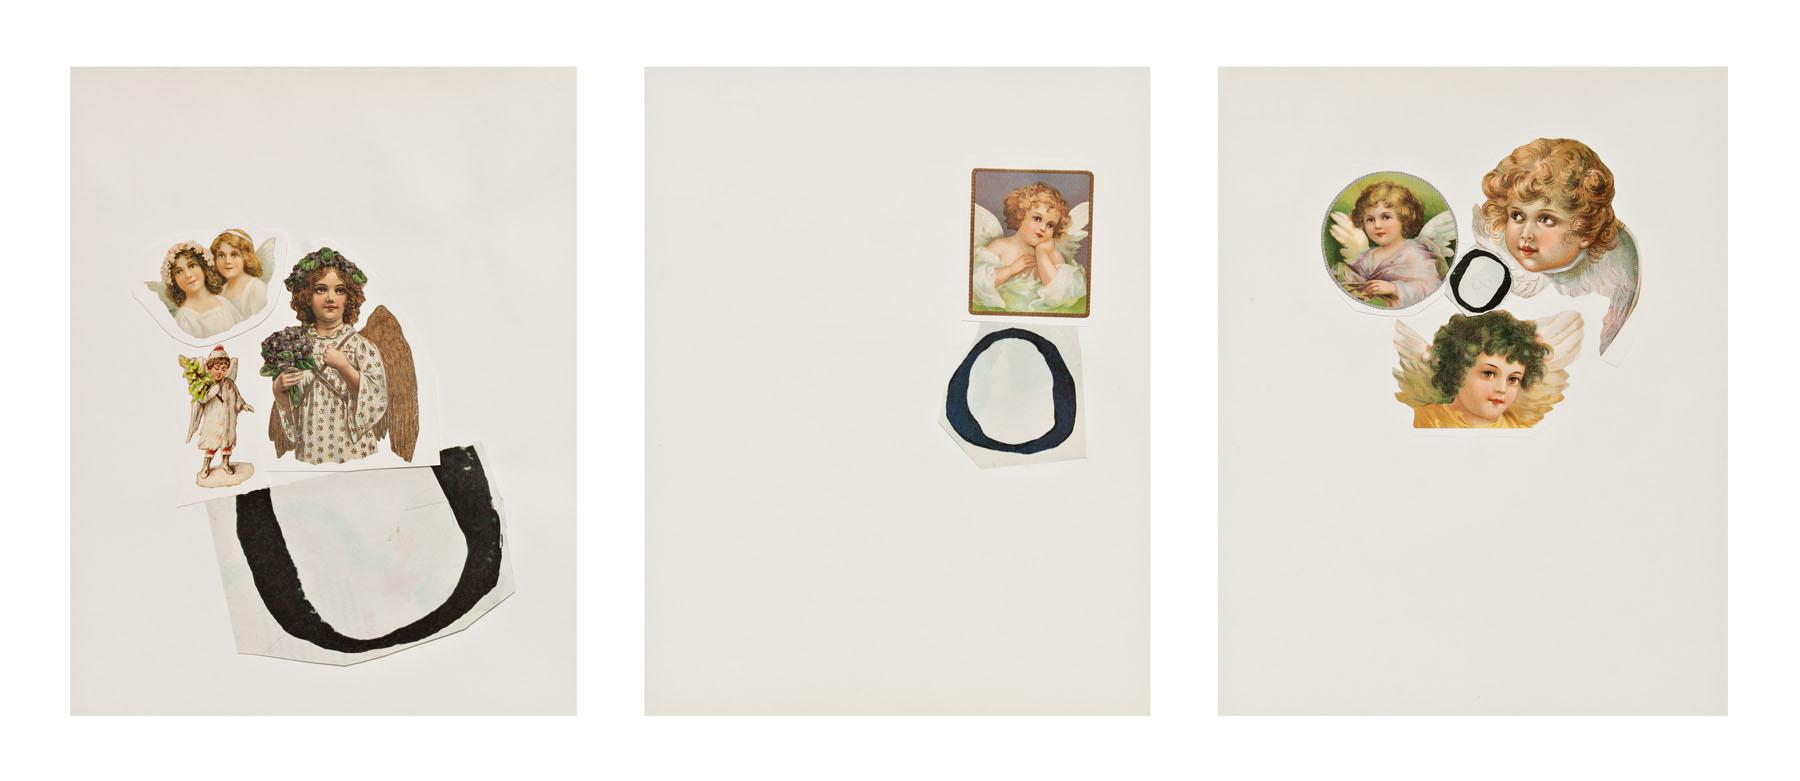 Serie Cuarentena, papel collage, 28 cm x 22 cm cada uno, 2020